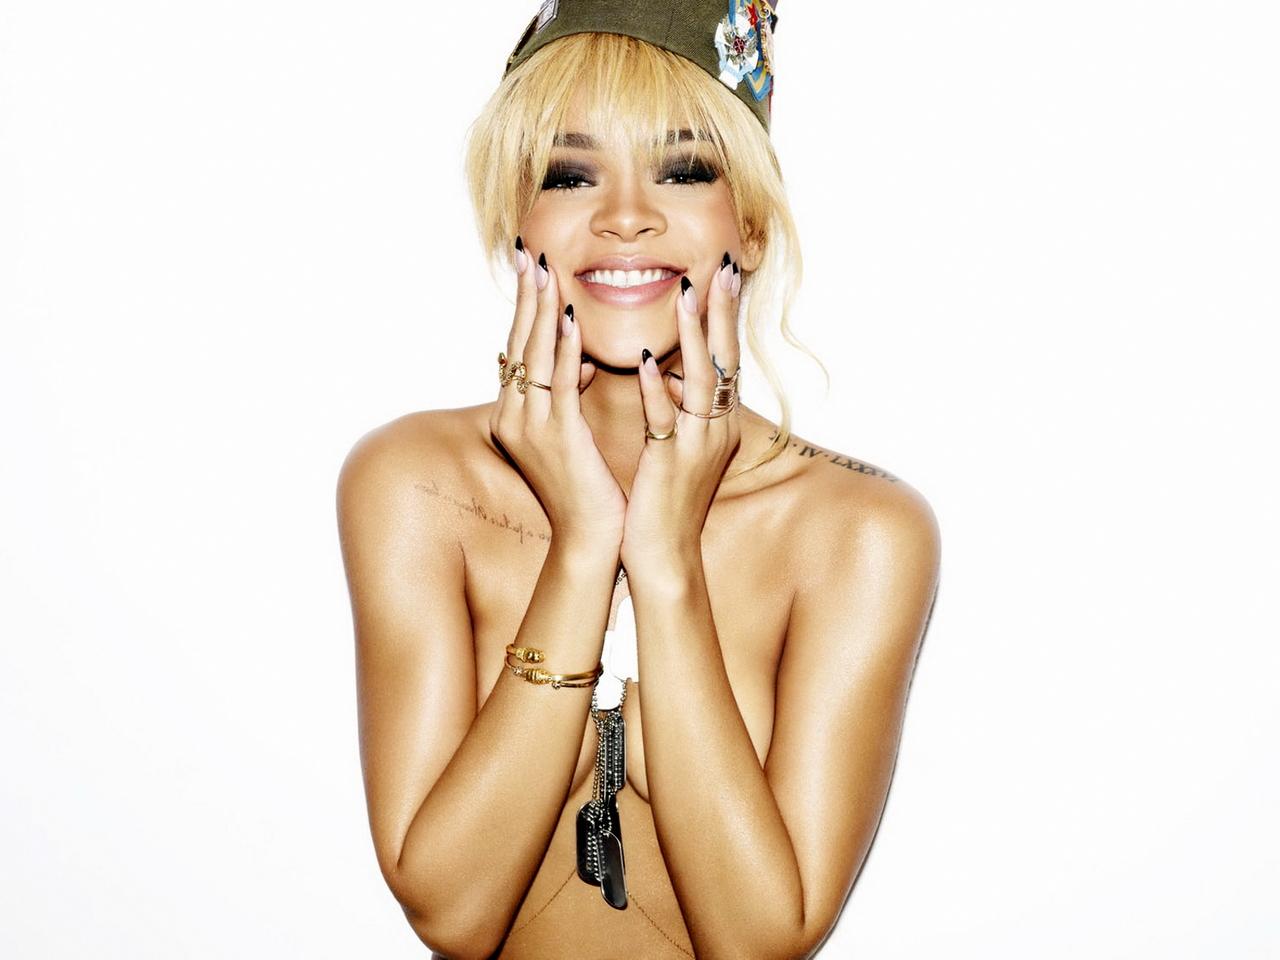 http://4.bp.blogspot.com/--yuYnAQJJAQ/UKyq7eXfAbI/AAAAAAAAD6c/7k_uVtz4q9k/s1600/Rihanna+New+Hot+HD+Wallpaper+2012-2013+05.jpg